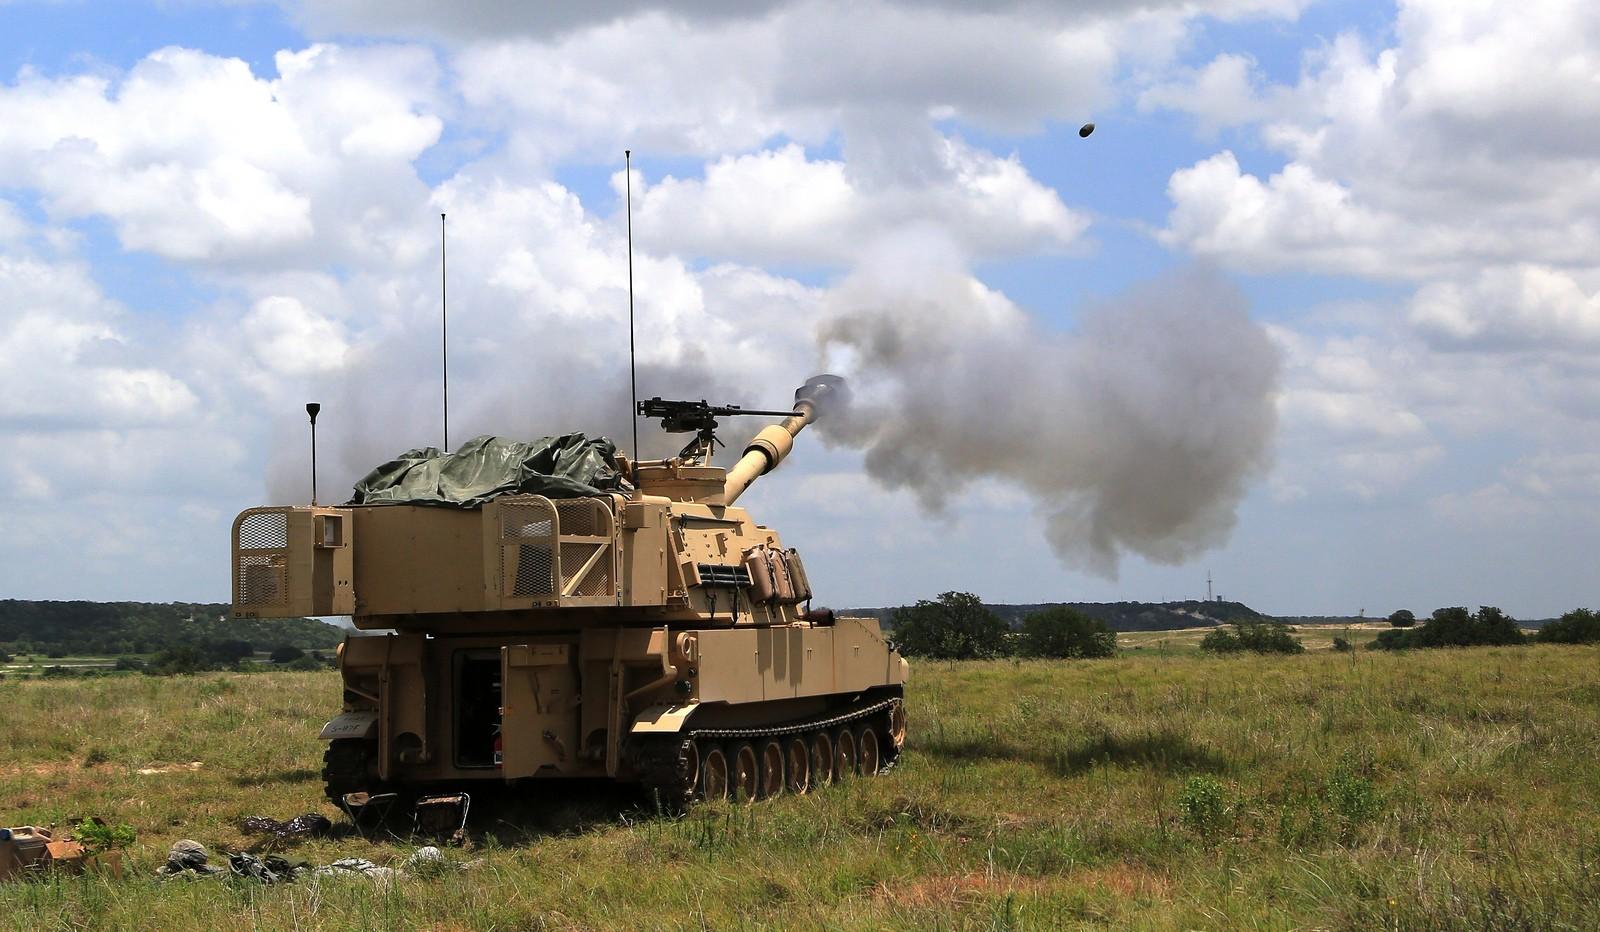 새롭게 개량된 M109 자주포를 생산하려는 미 육군